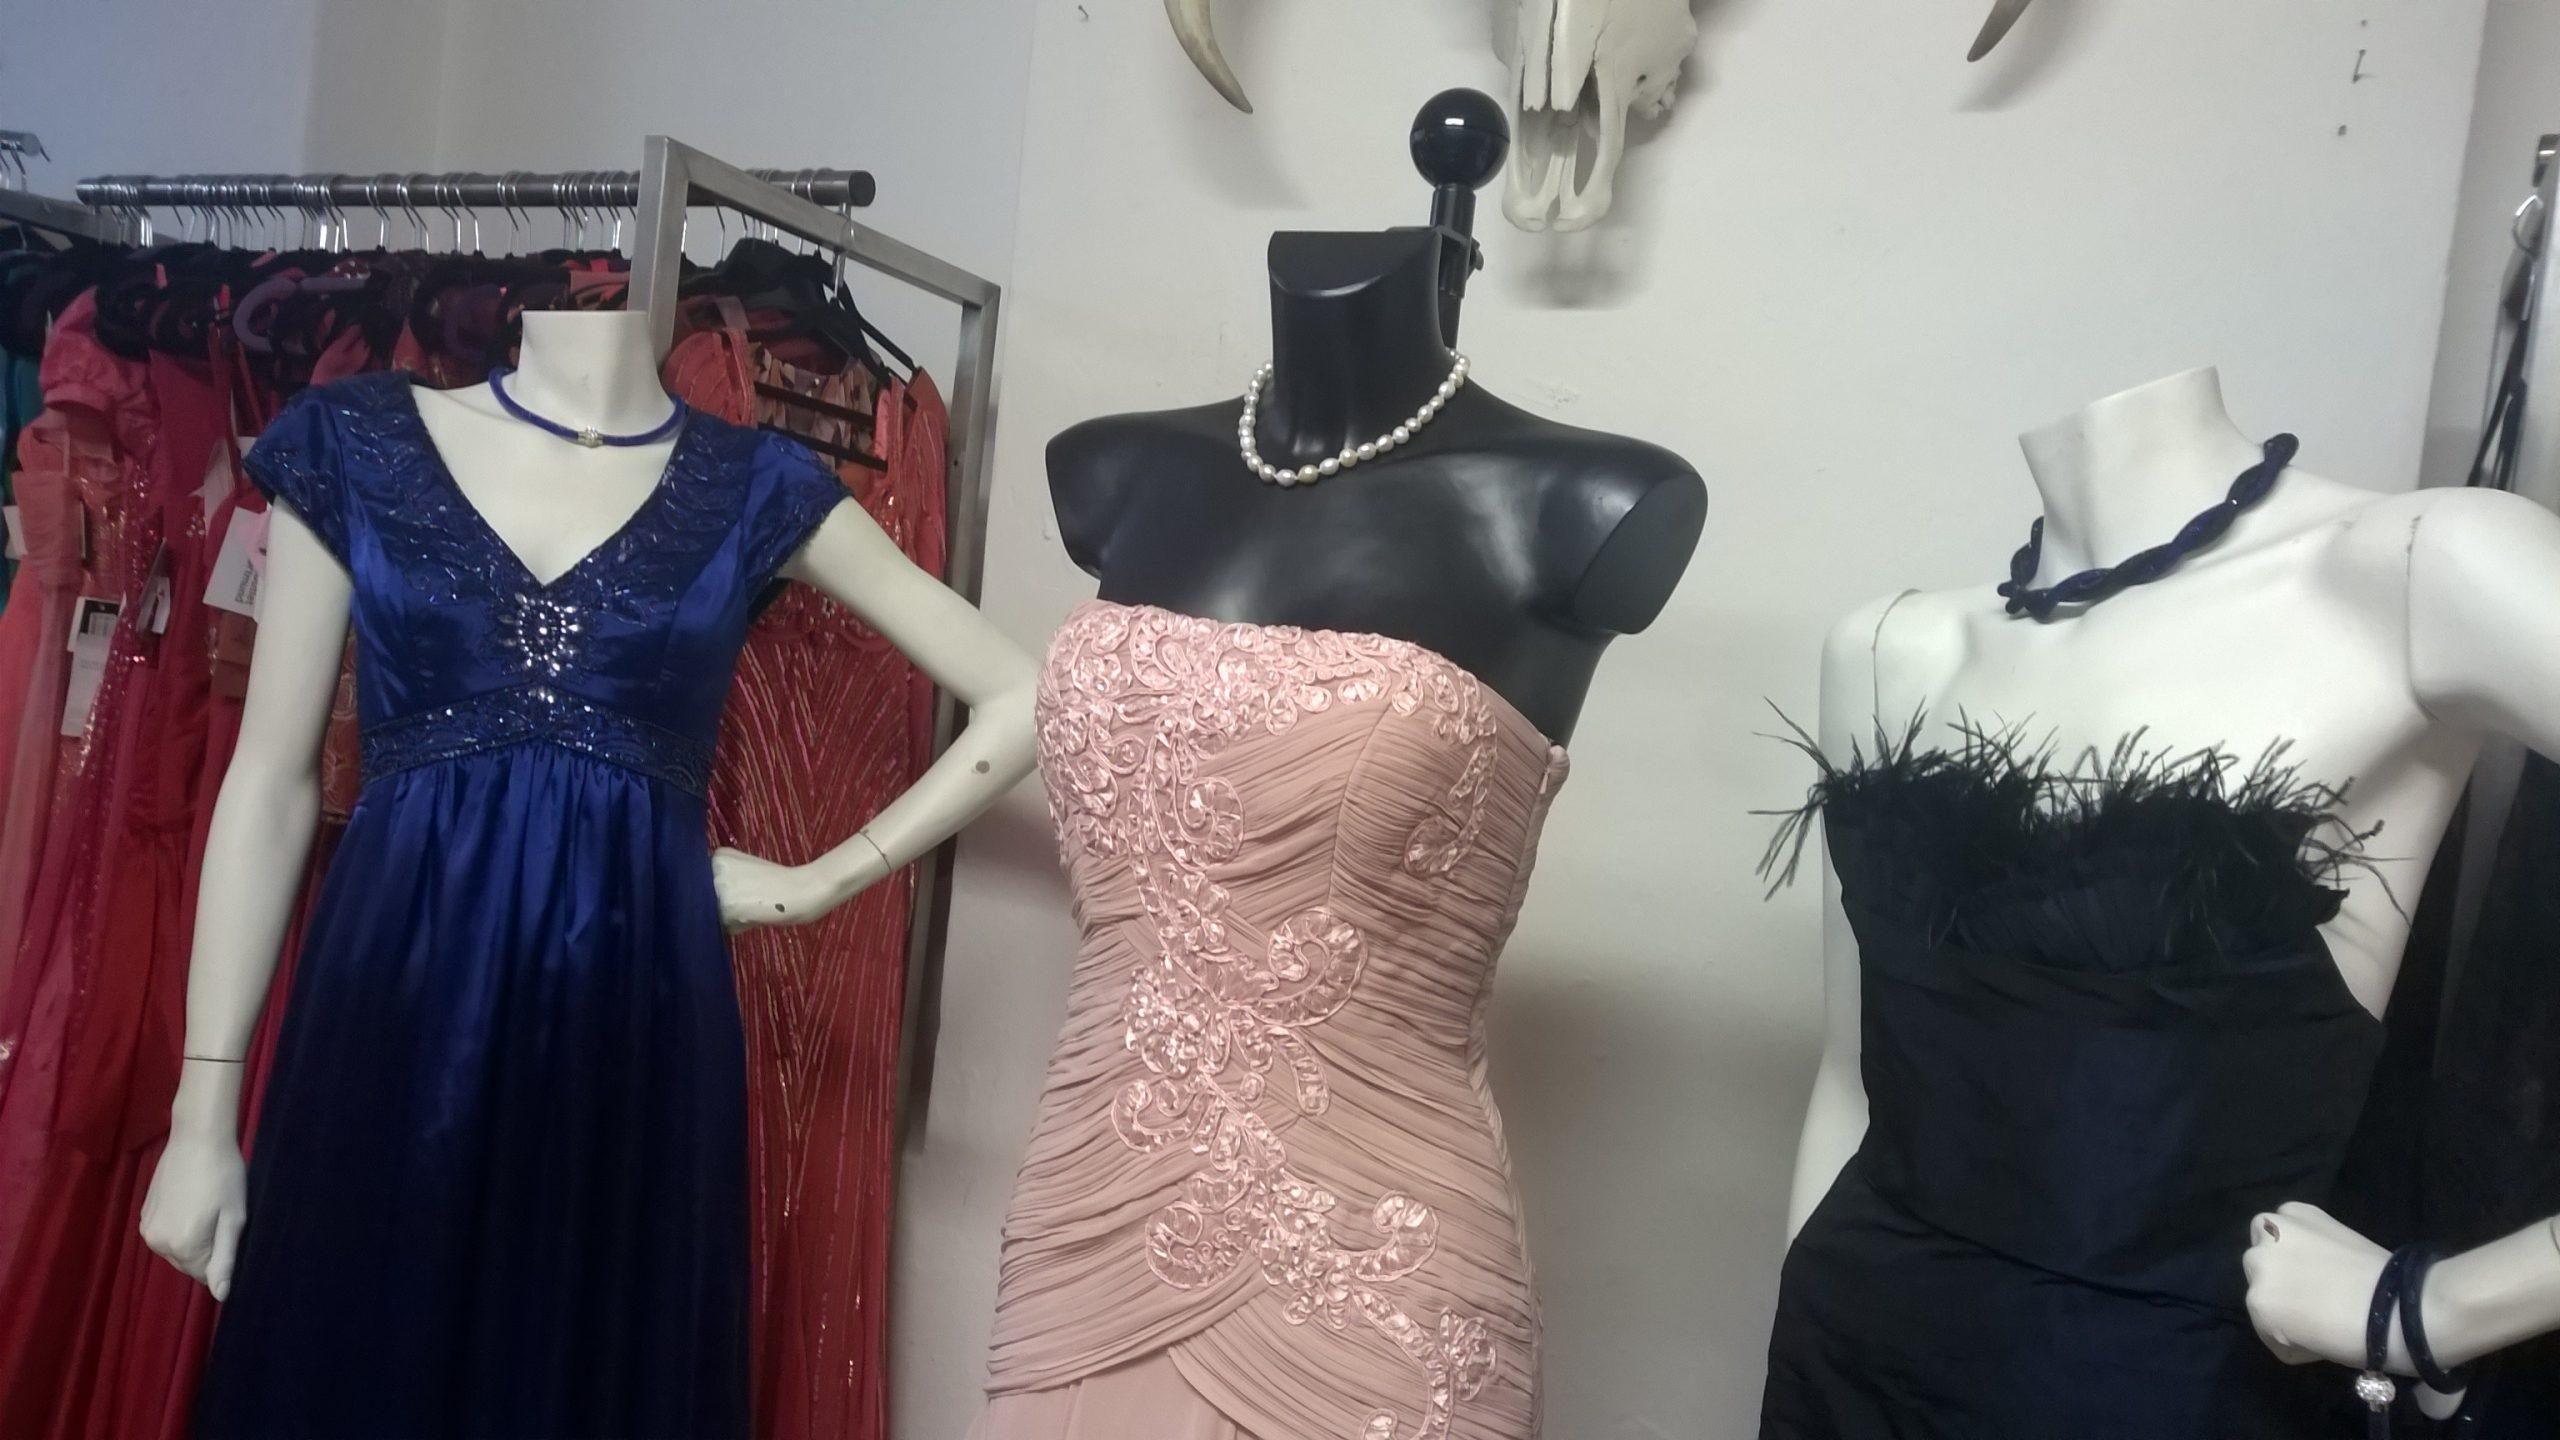 17 Spektakulär Abendkleider Dortmund Galerie15 Schön Abendkleider Dortmund Spezialgebiet